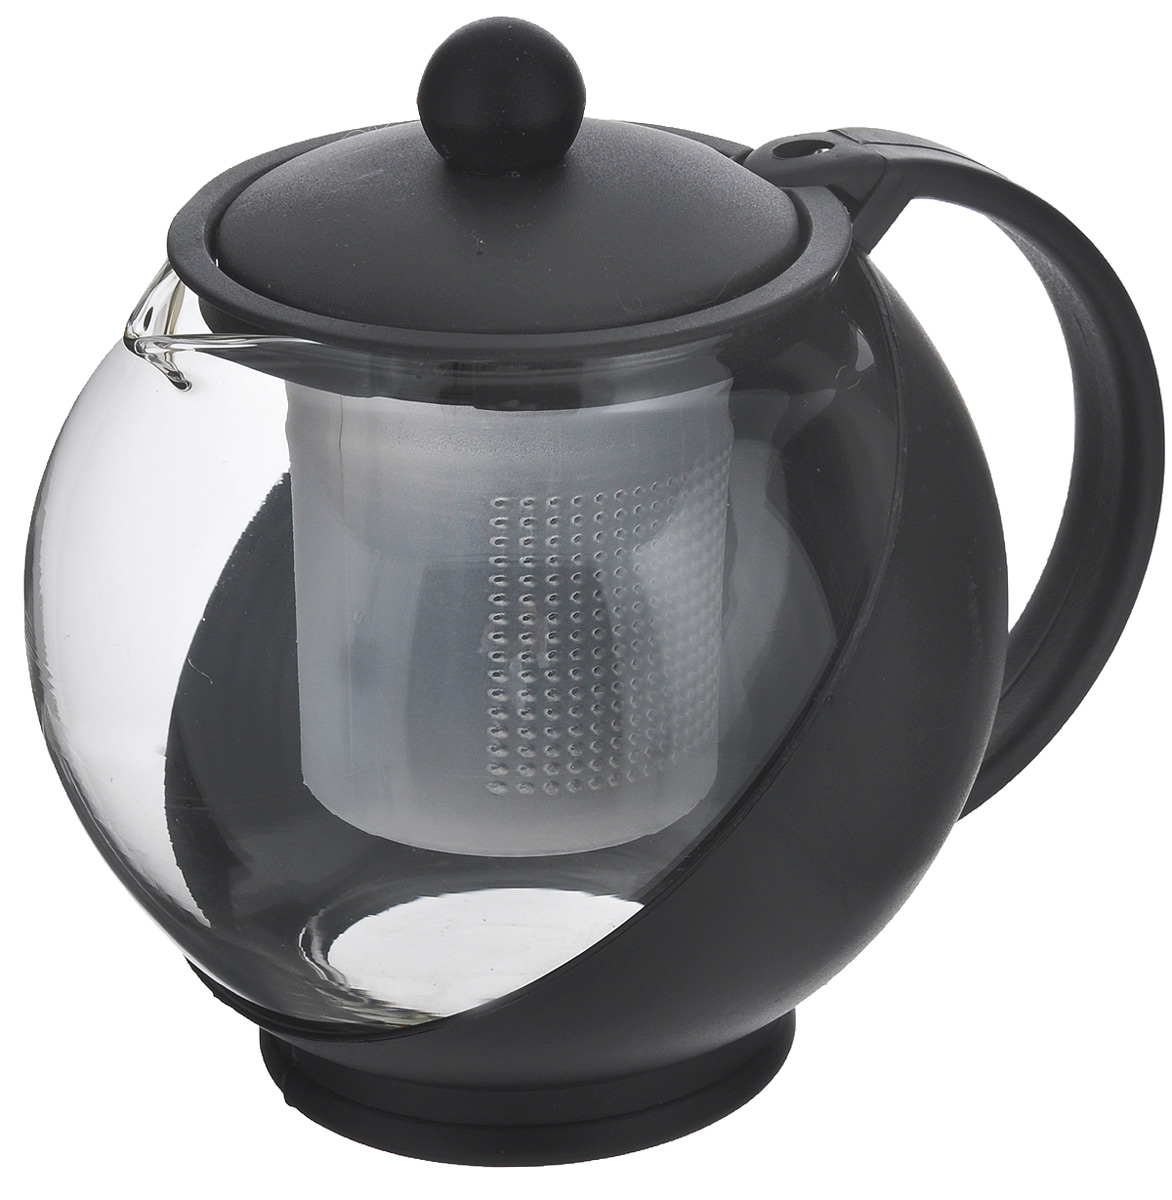 Чайник заварочный Miolla, с фильтром, цвет: черный, прозрачный, 750 мл. DHA021P/AFS-91909Заварочный чайник Miolla изготовлен из жаропрочного стекла и термостойкого пластика. Чай в таком чайнике дольше остается горячим, а полезные и ароматические вещества полностью сохраняются в напитке. Чайник оснащен фильтром и крышкой. Простой и удобный чайник поможет вам приготовить крепкий, ароматный чай. Нельзя мыть в посудомоечной машине. Не использовать в микроволновой печи.Диаметр чайника (по верхнему краю): 7 см.Высота чайника (без учета крышки): 11,5 см.Высота фильтра: 7,5 см.